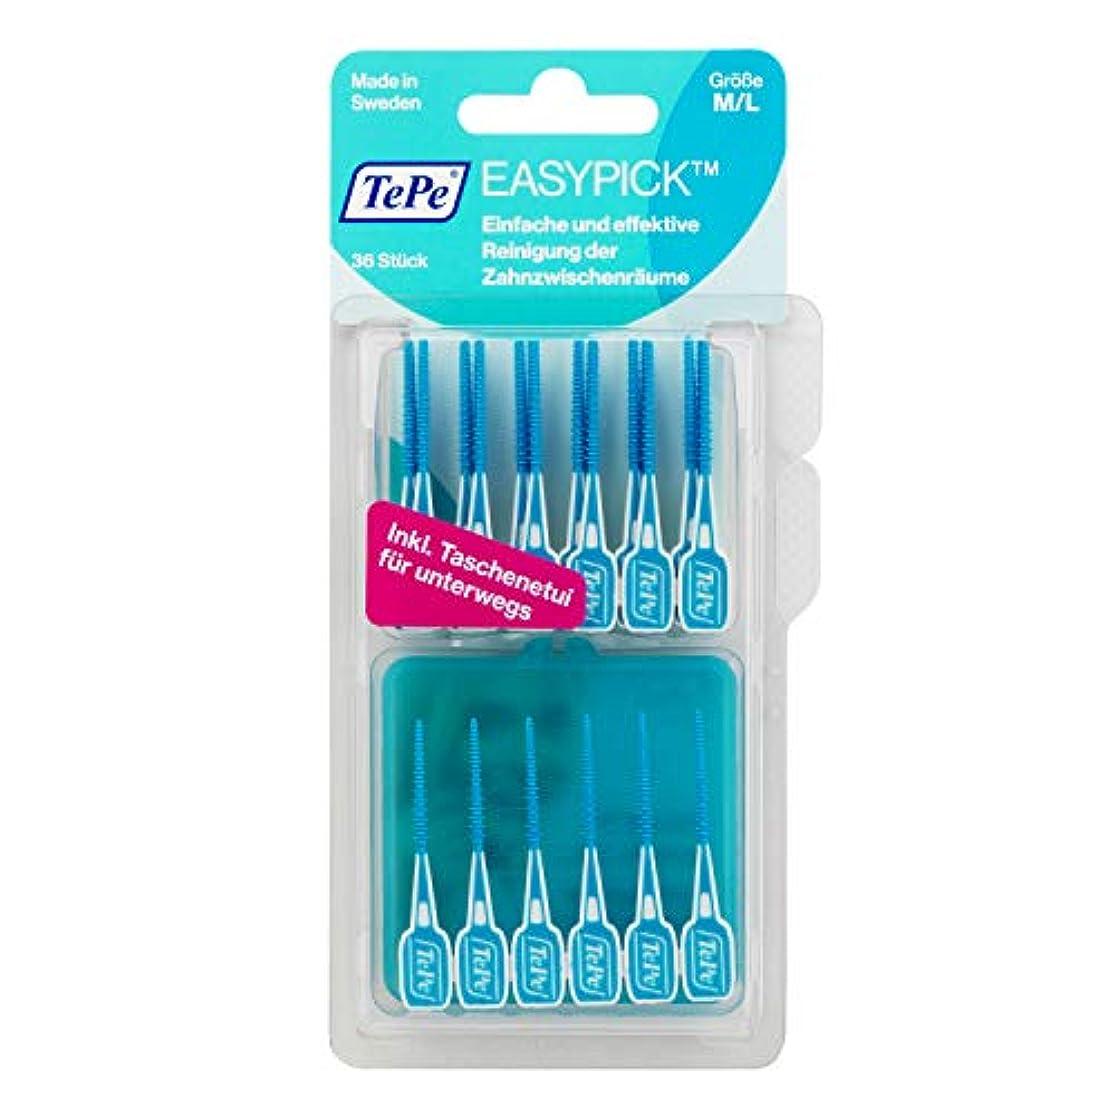 未亡人限られたダンスTepe Easy Pick Blue M/l 36 Pack, Travel Case Included - Recommended By Dentists